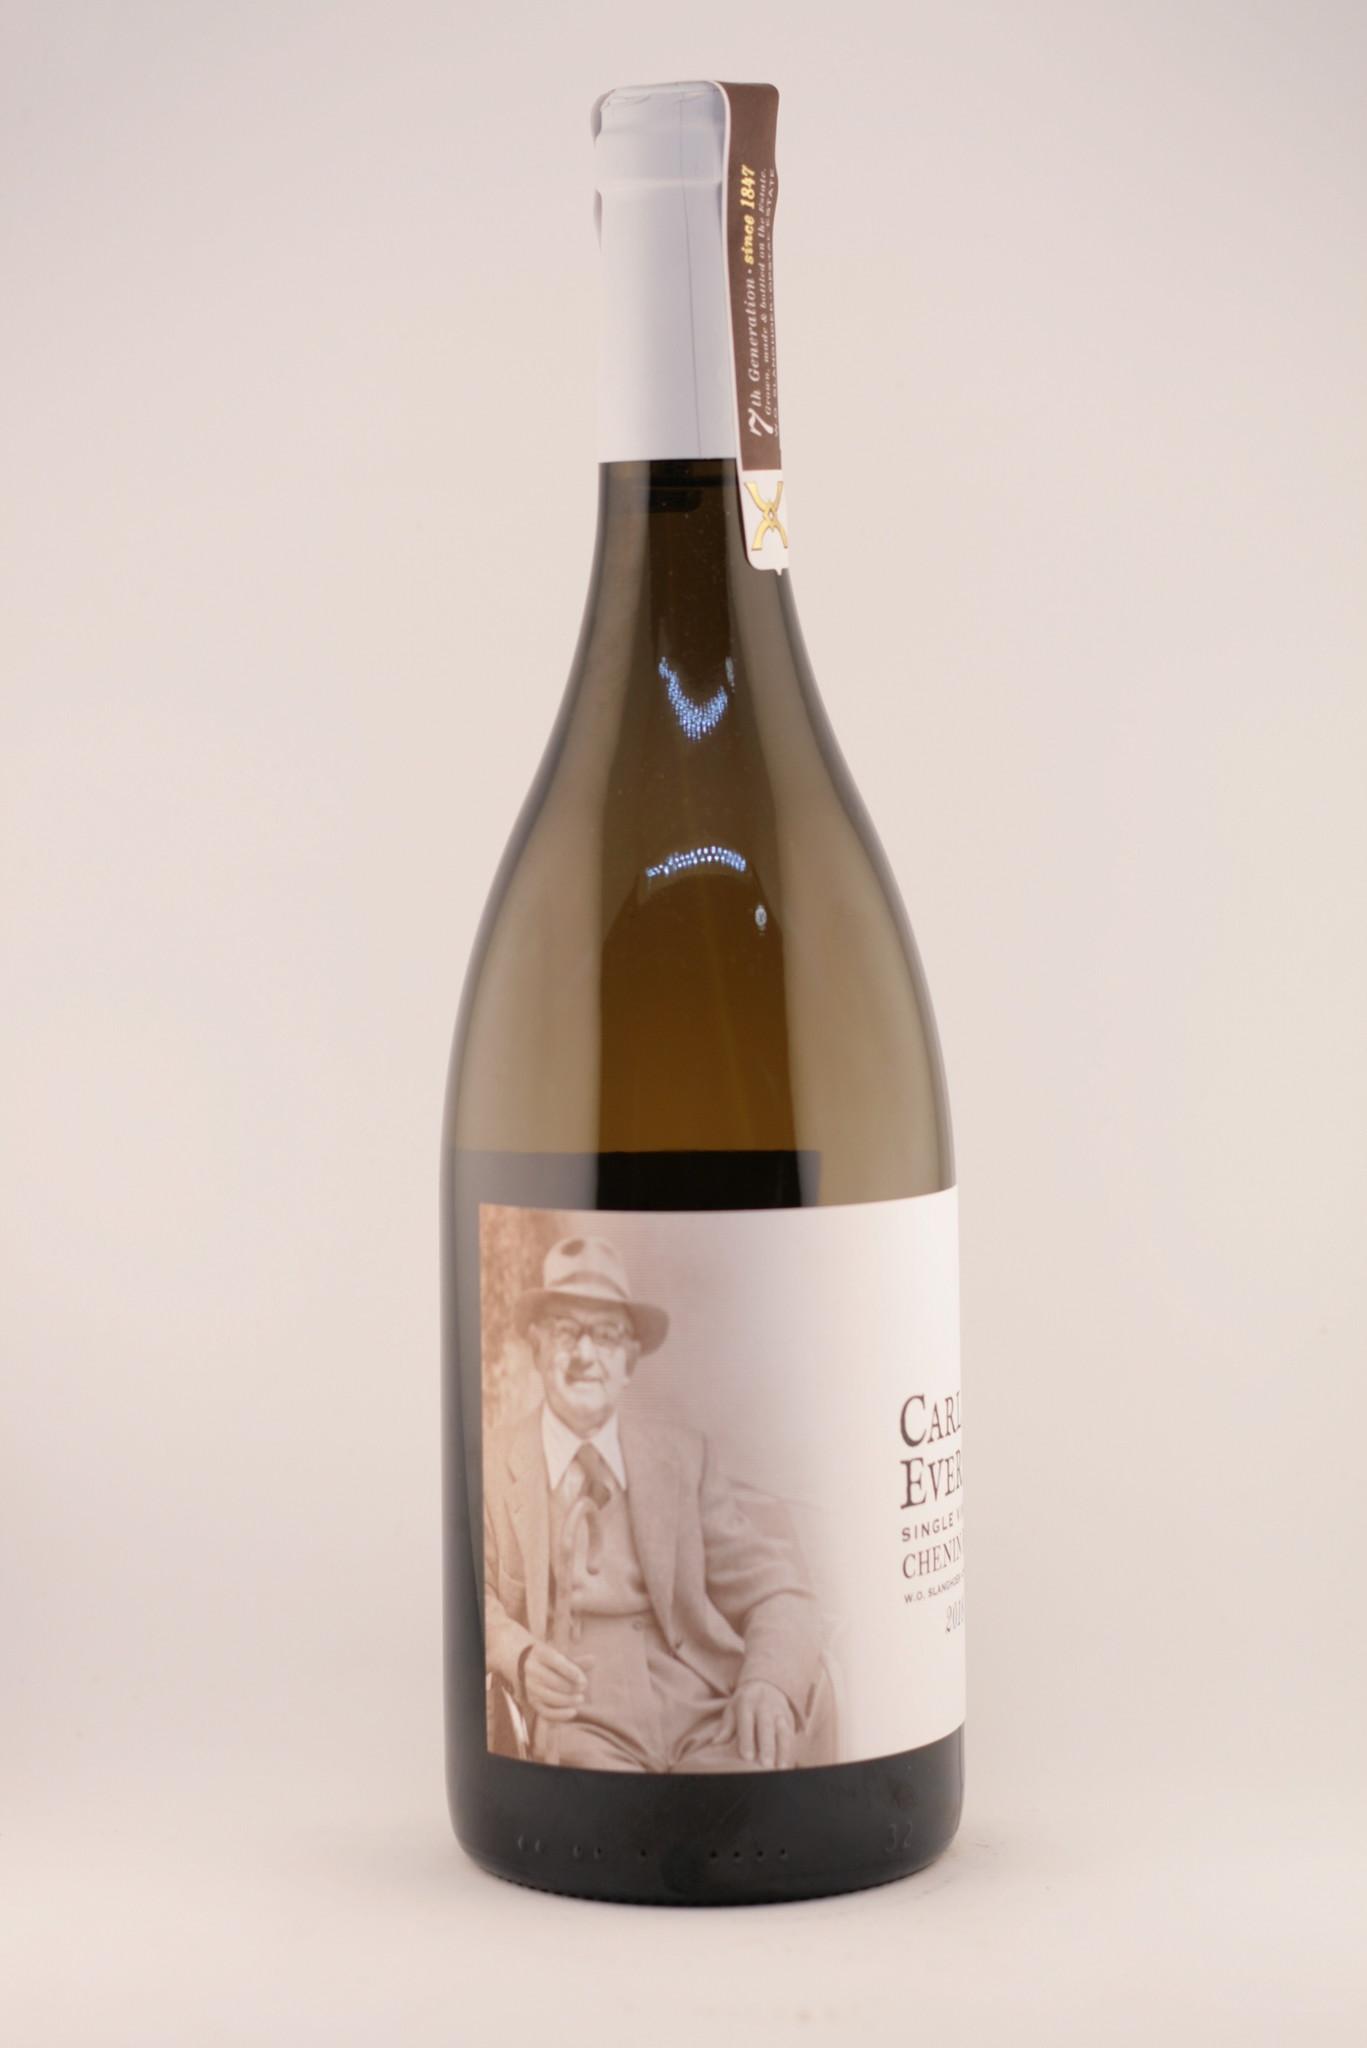 Old man Heritage range| Carl Everson | Opstal Winery  | Chenin blanc| single vineyard| Slanghoek | 2017